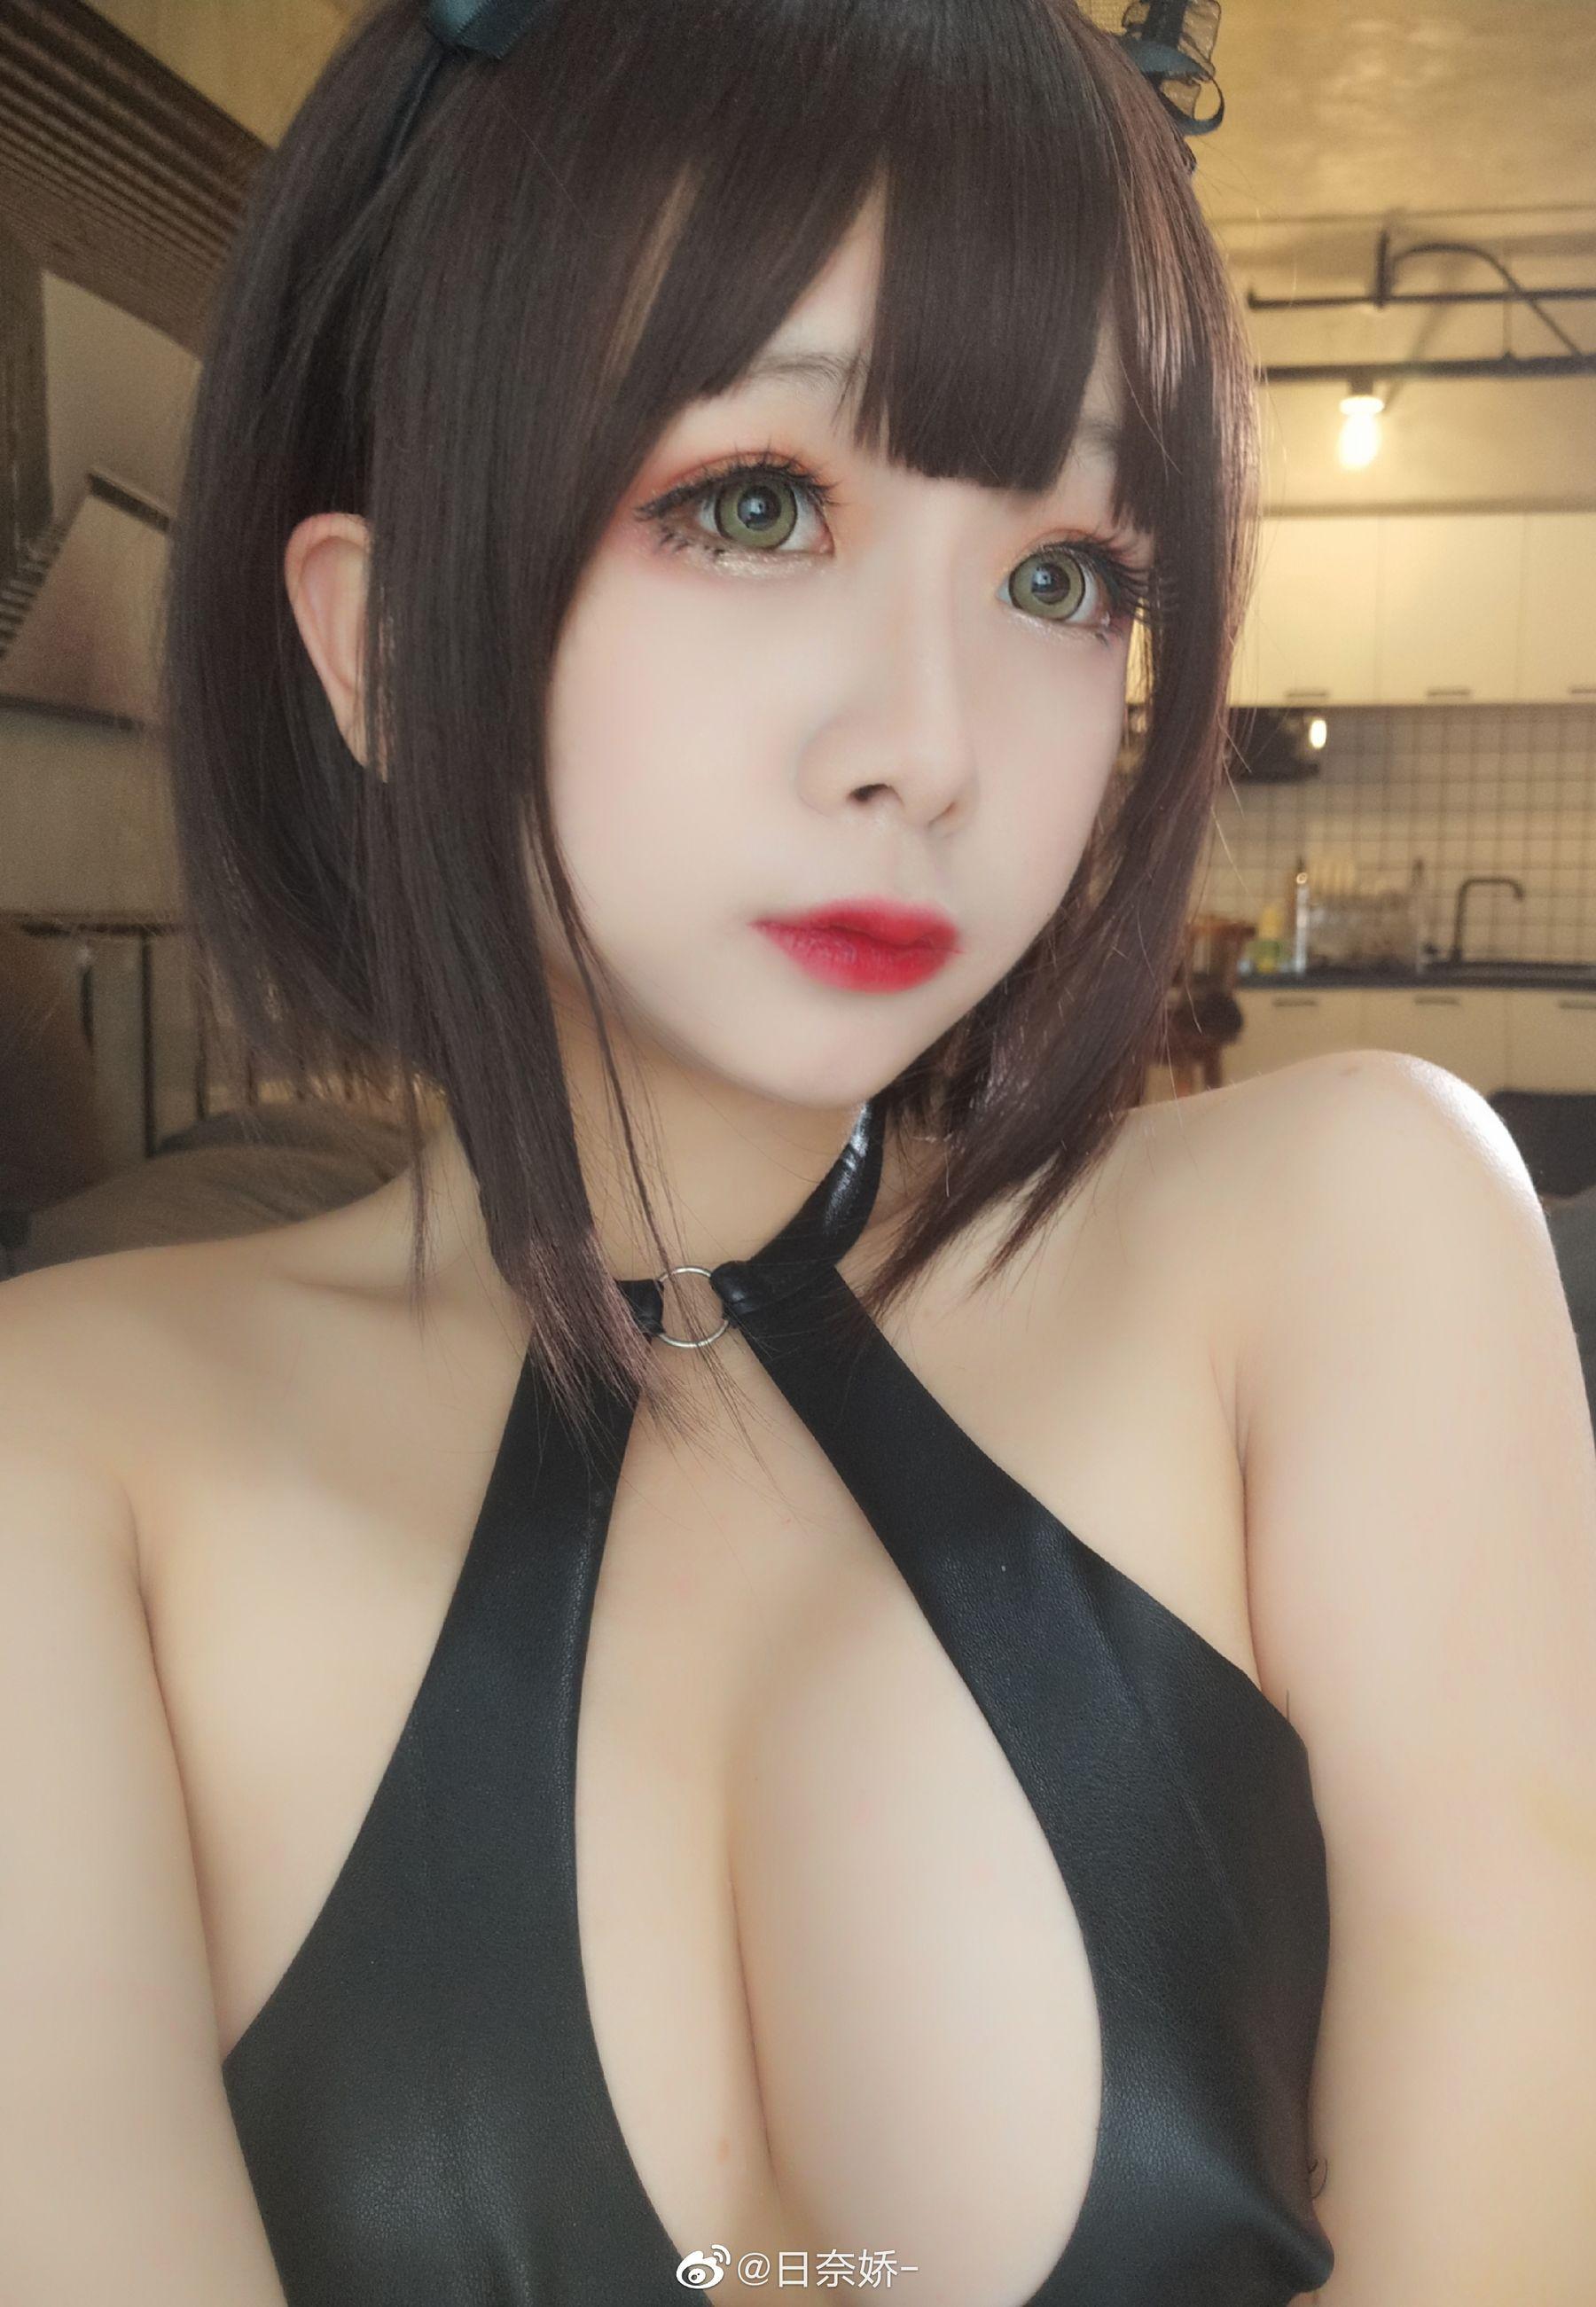 VOL.1208 [网络美女]情趣内衣:日奈娇(COSER日奈娇)超高清写真套图(16P)